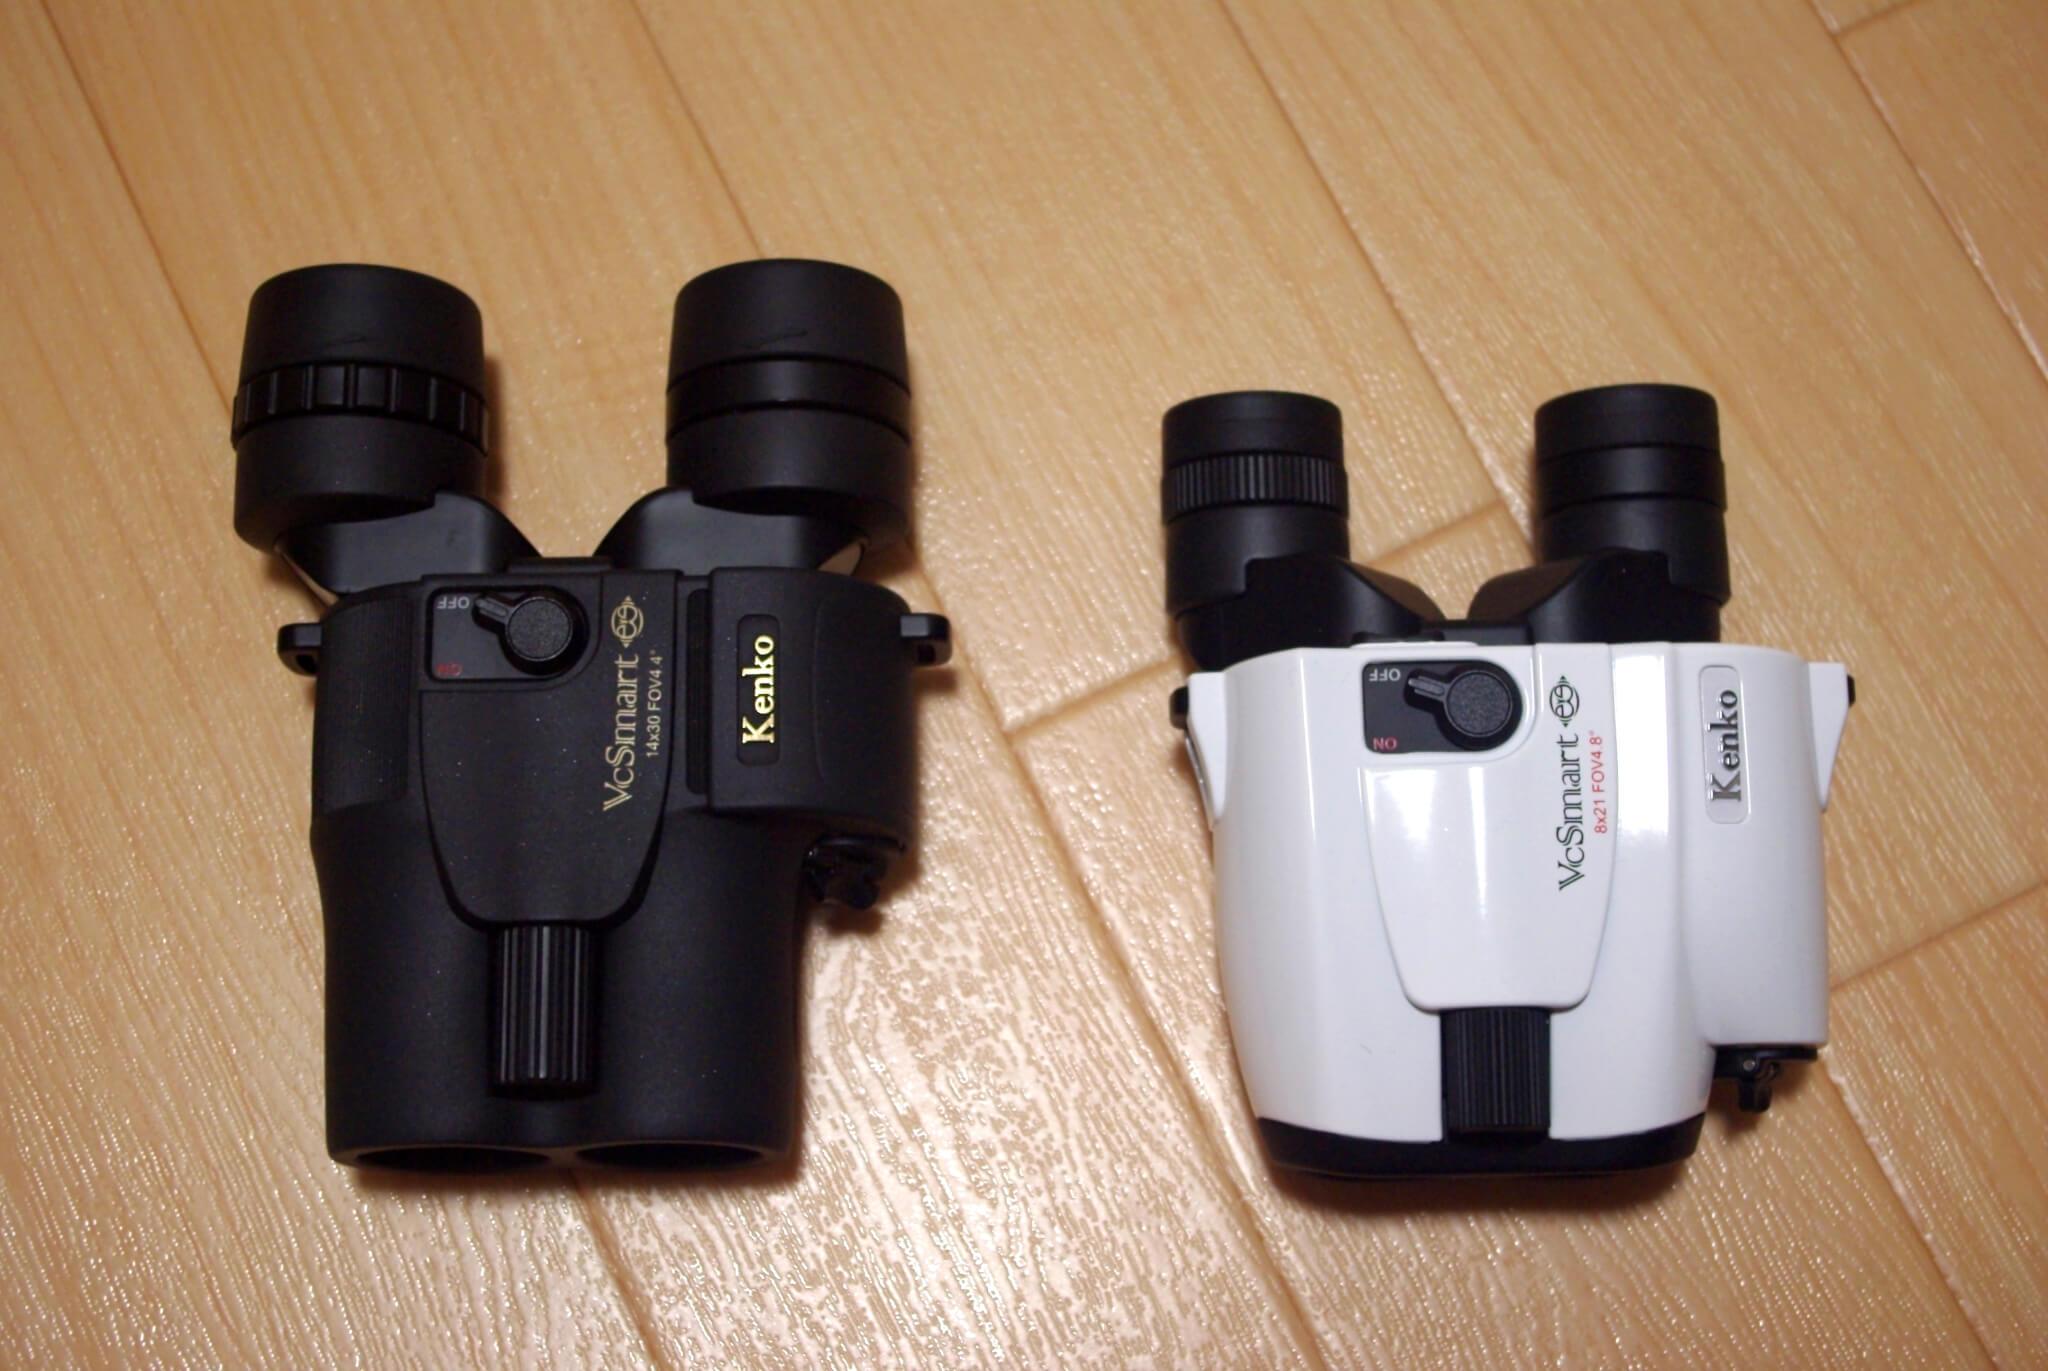 ケンコー防振双眼鏡「VCスマート」シリーズの違いを比較 アイレリーフ